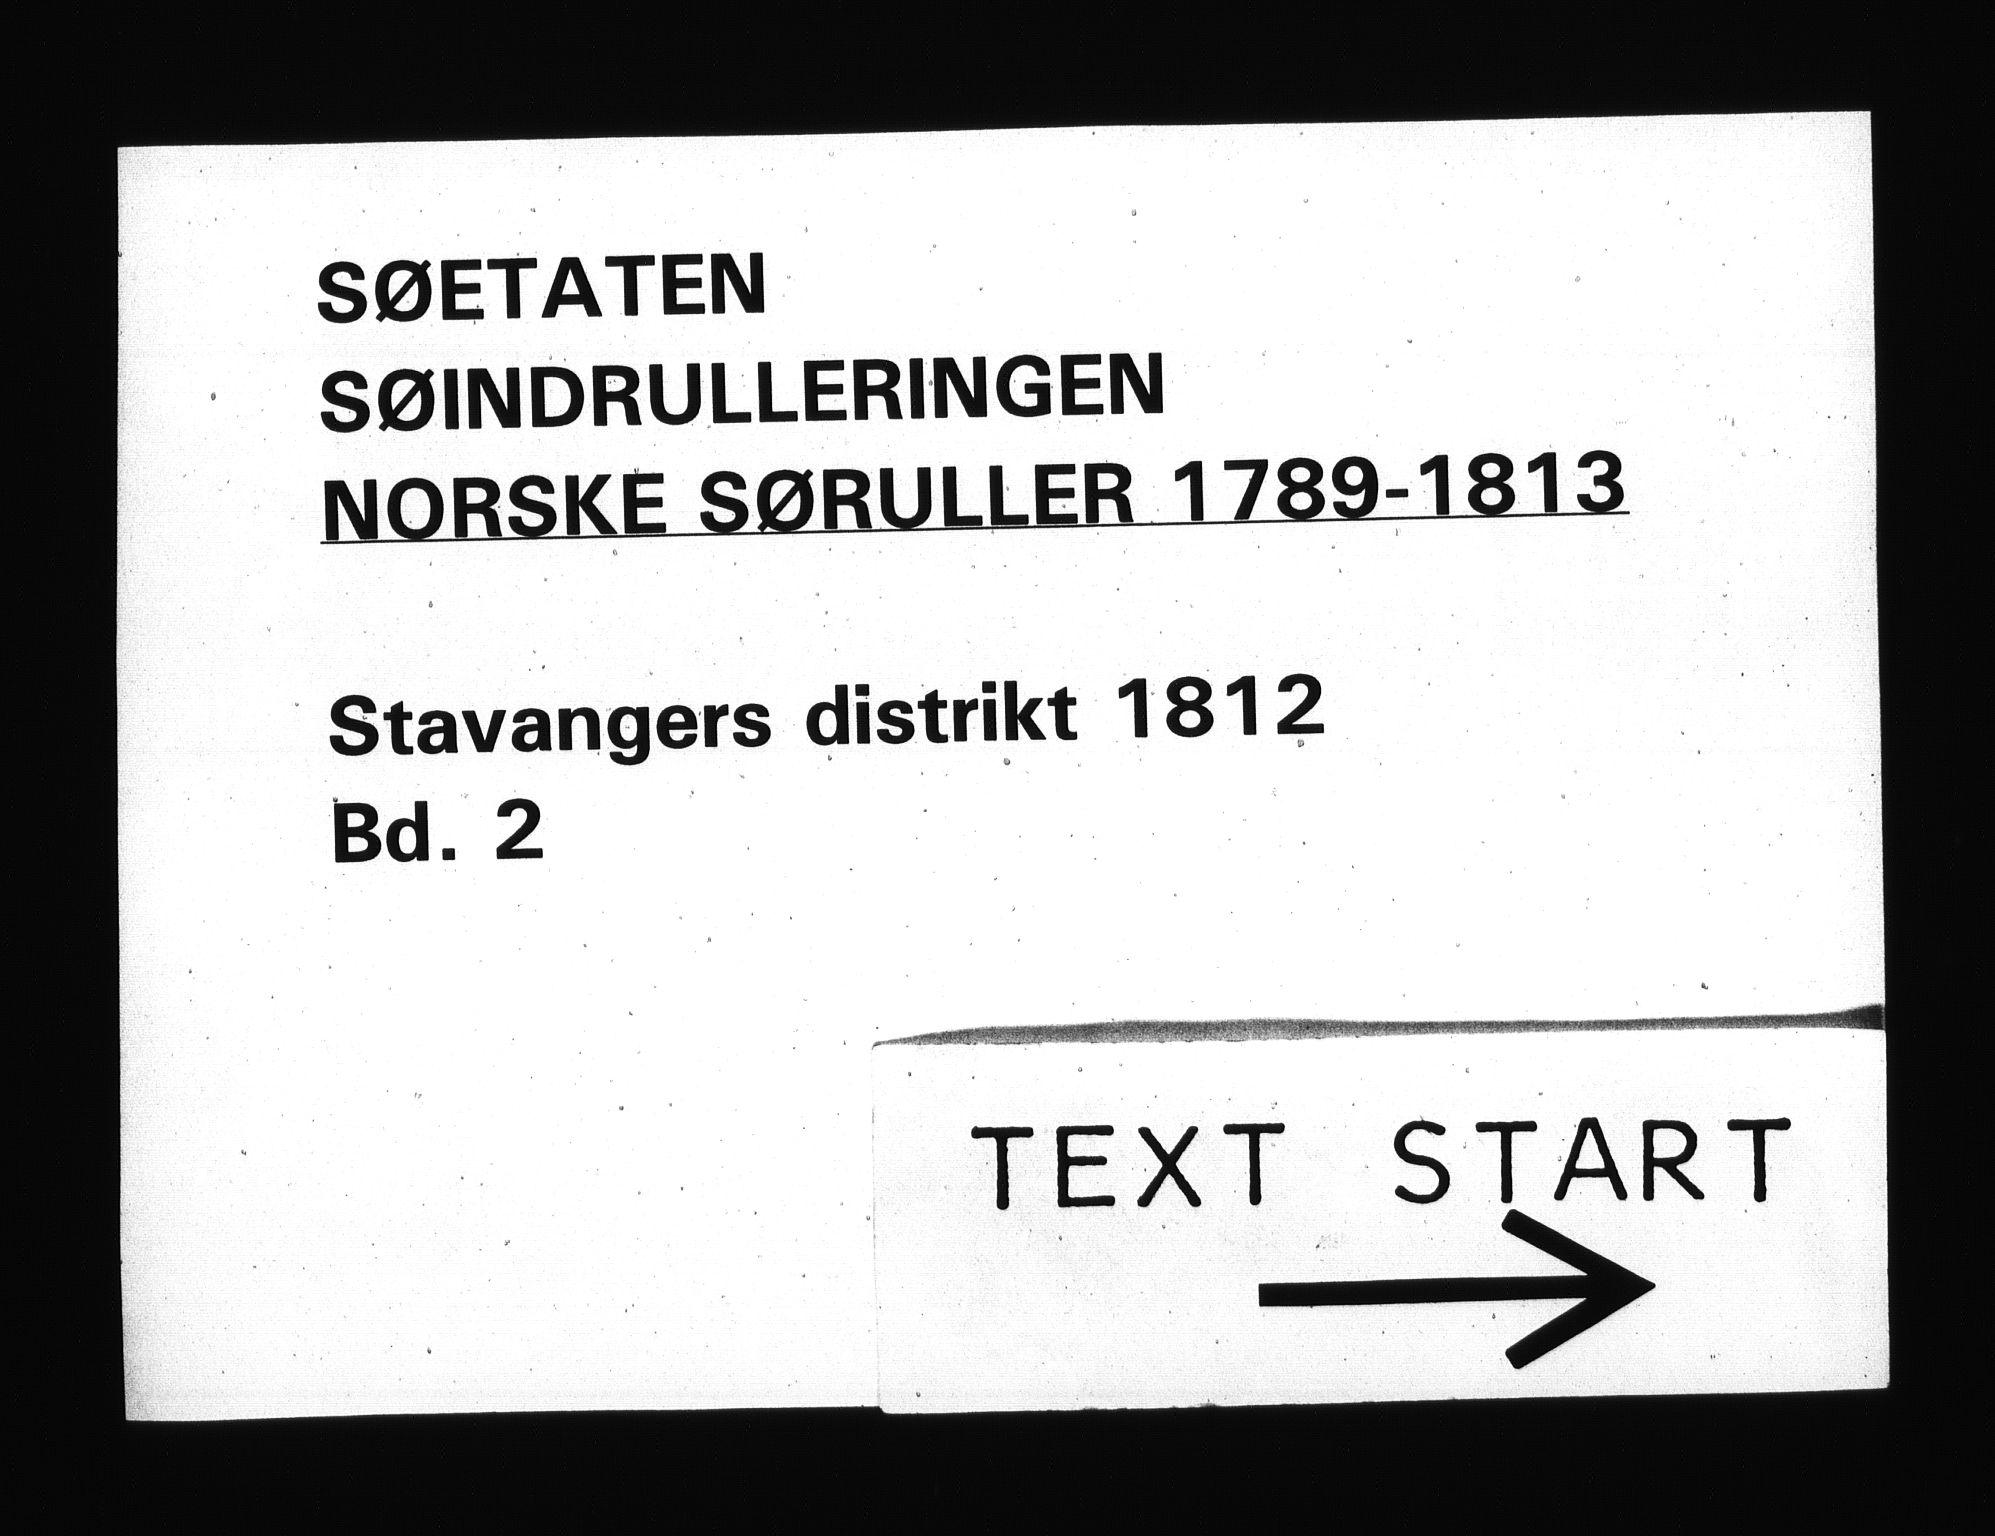 RA, Sjøetaten, F/L0300: Stavanger distrikt, bind 2, 1812